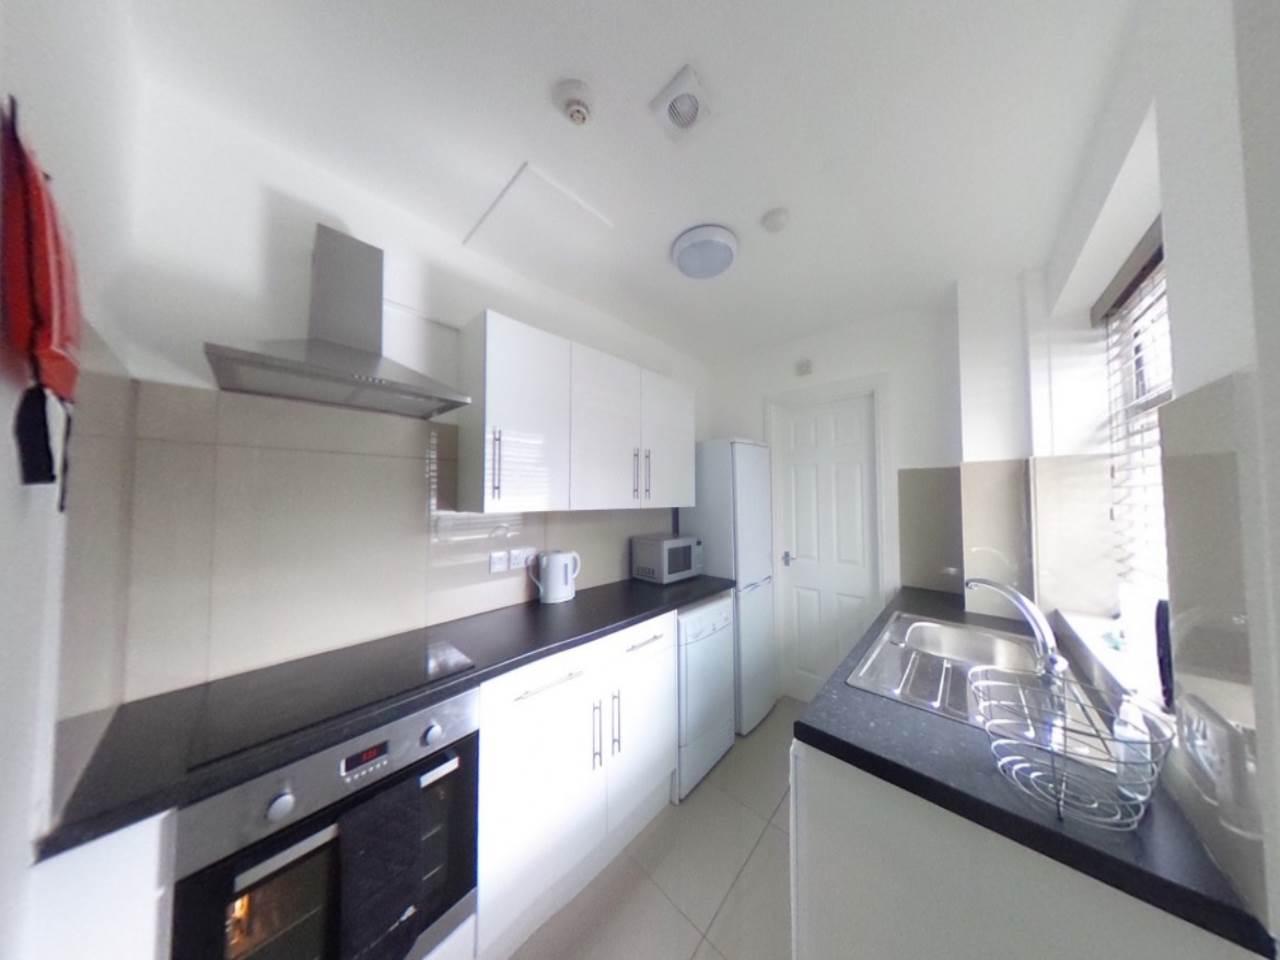 407a-High-Street-Kitchen-1170x738